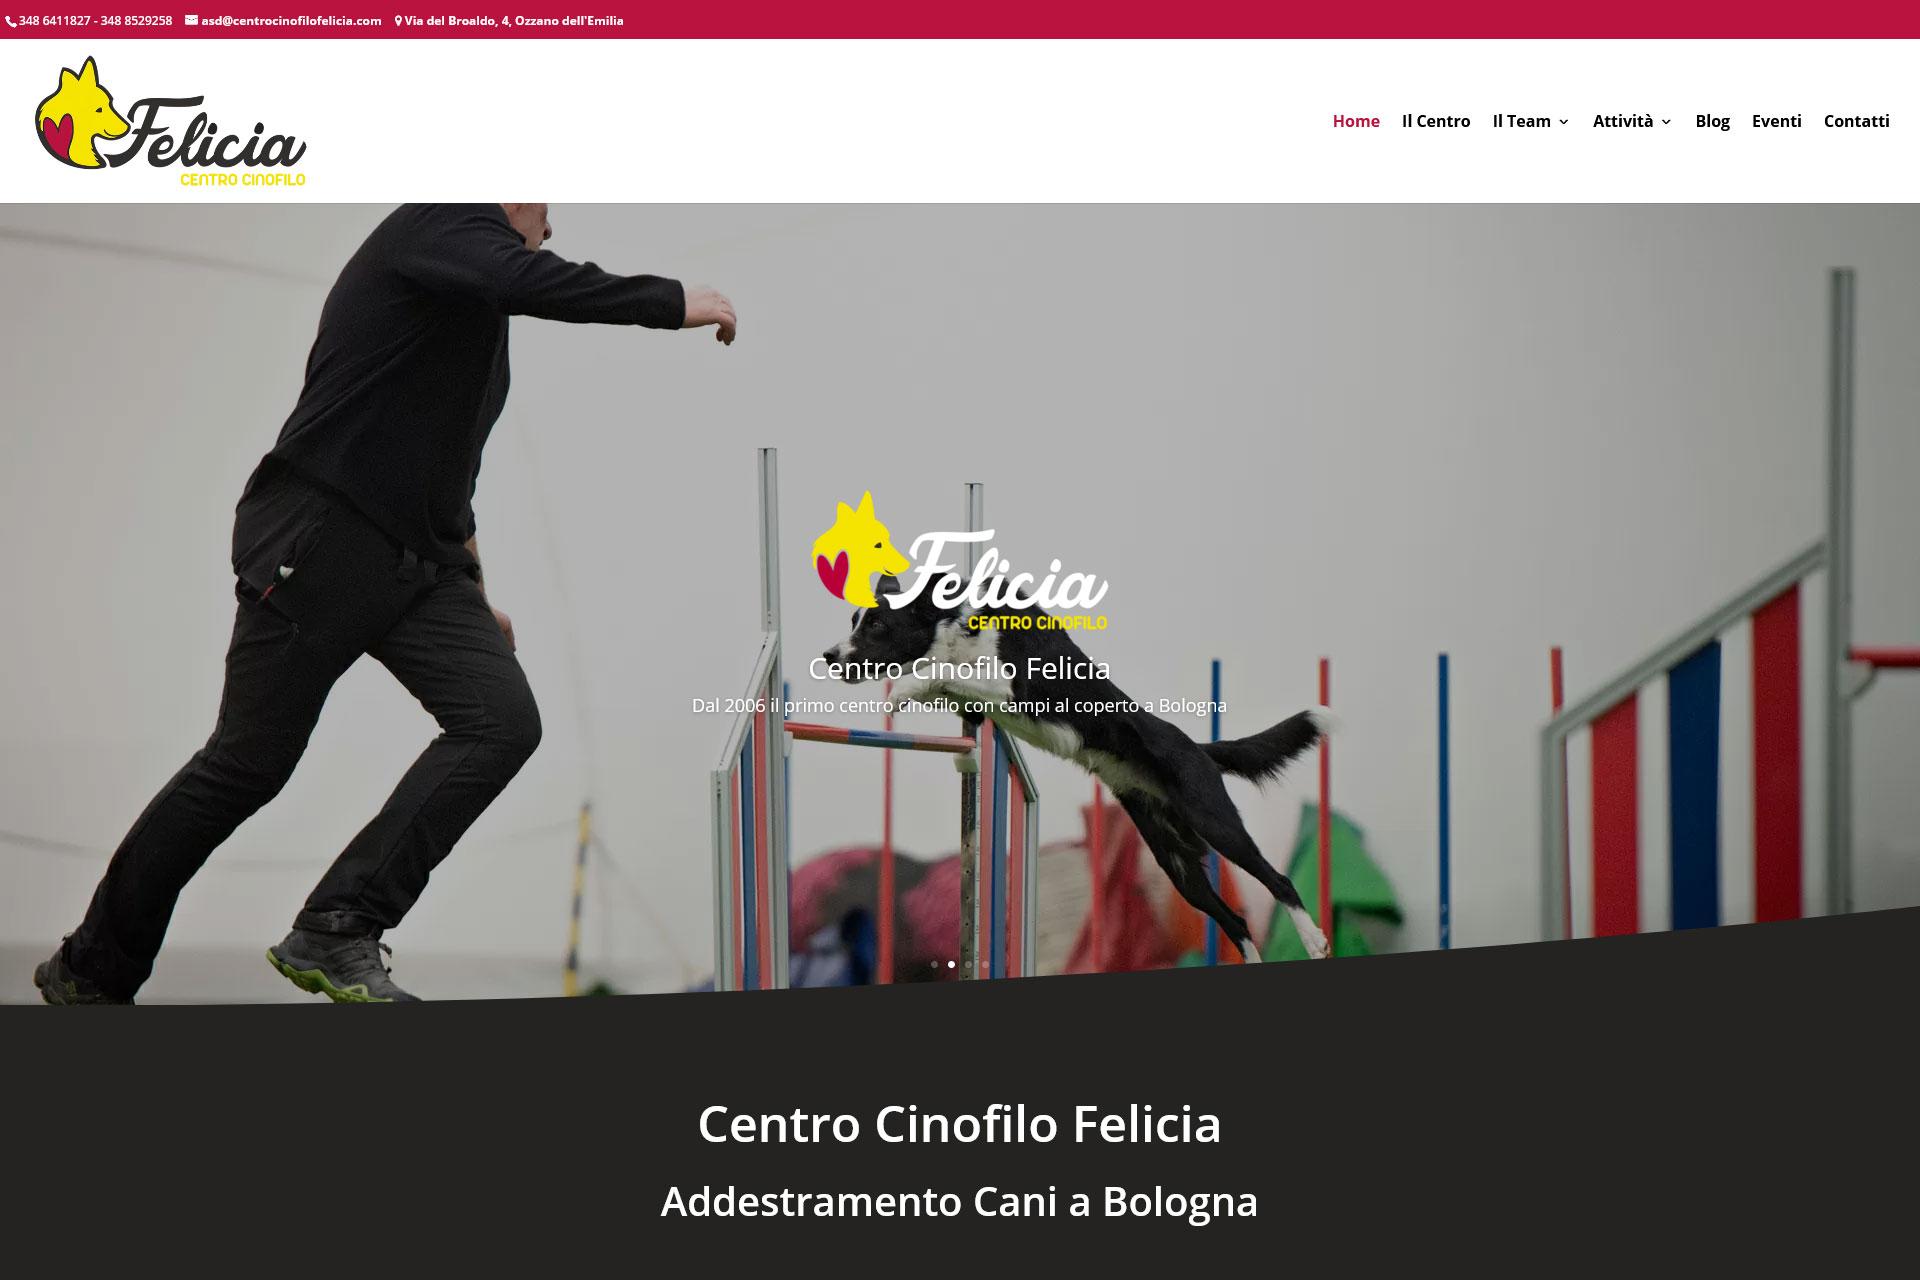 lv-design-realizzazione-siti-web-bologna-portfolio-centro-cinofilo-felicia-slide-1